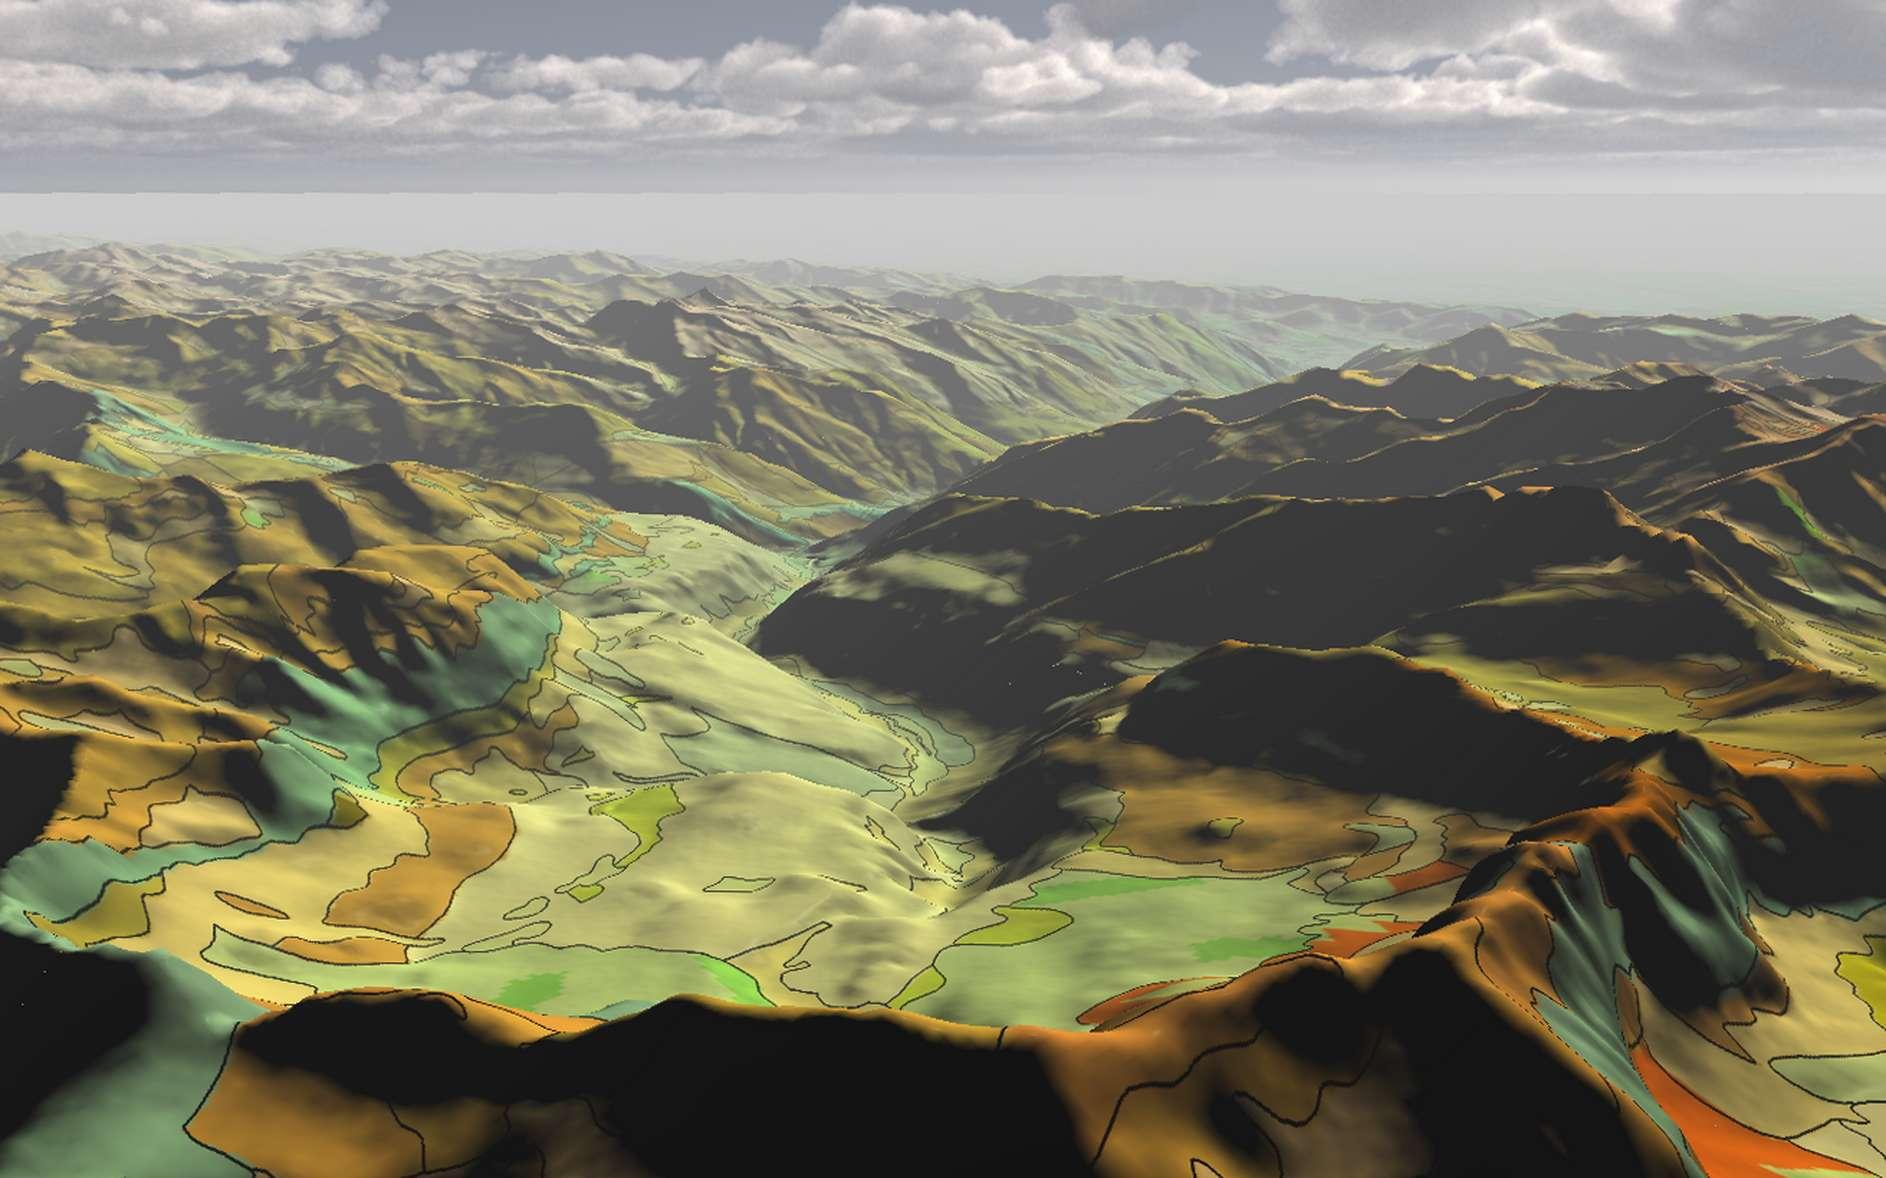 Le BRGM a développé une carte 3D des Pyrénées contenant des milliers d'informations sur la nature du sous-sol. © BRGM